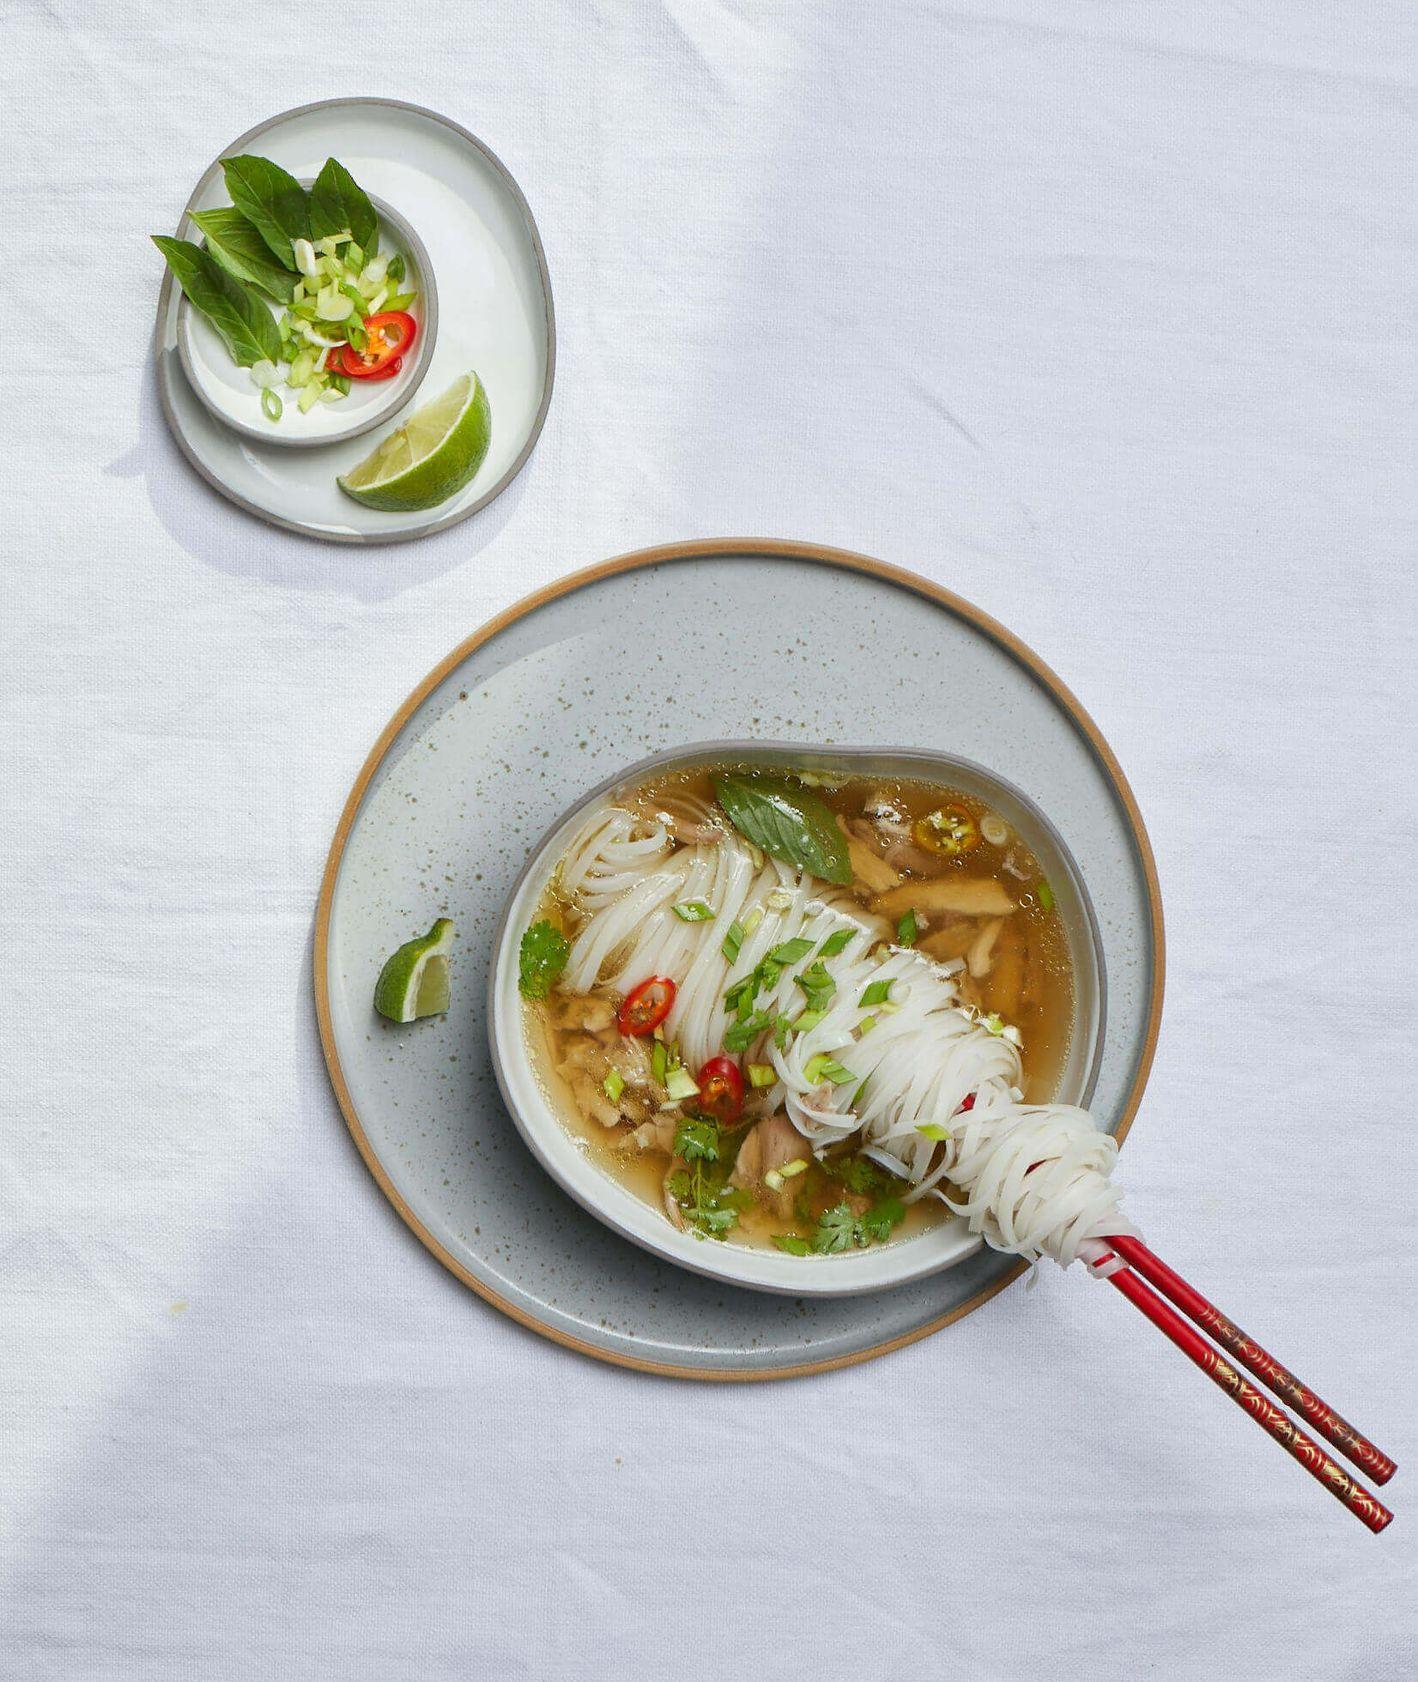 Miska zupy pho z kurczakiem, limonka, chili i tajska bazylia